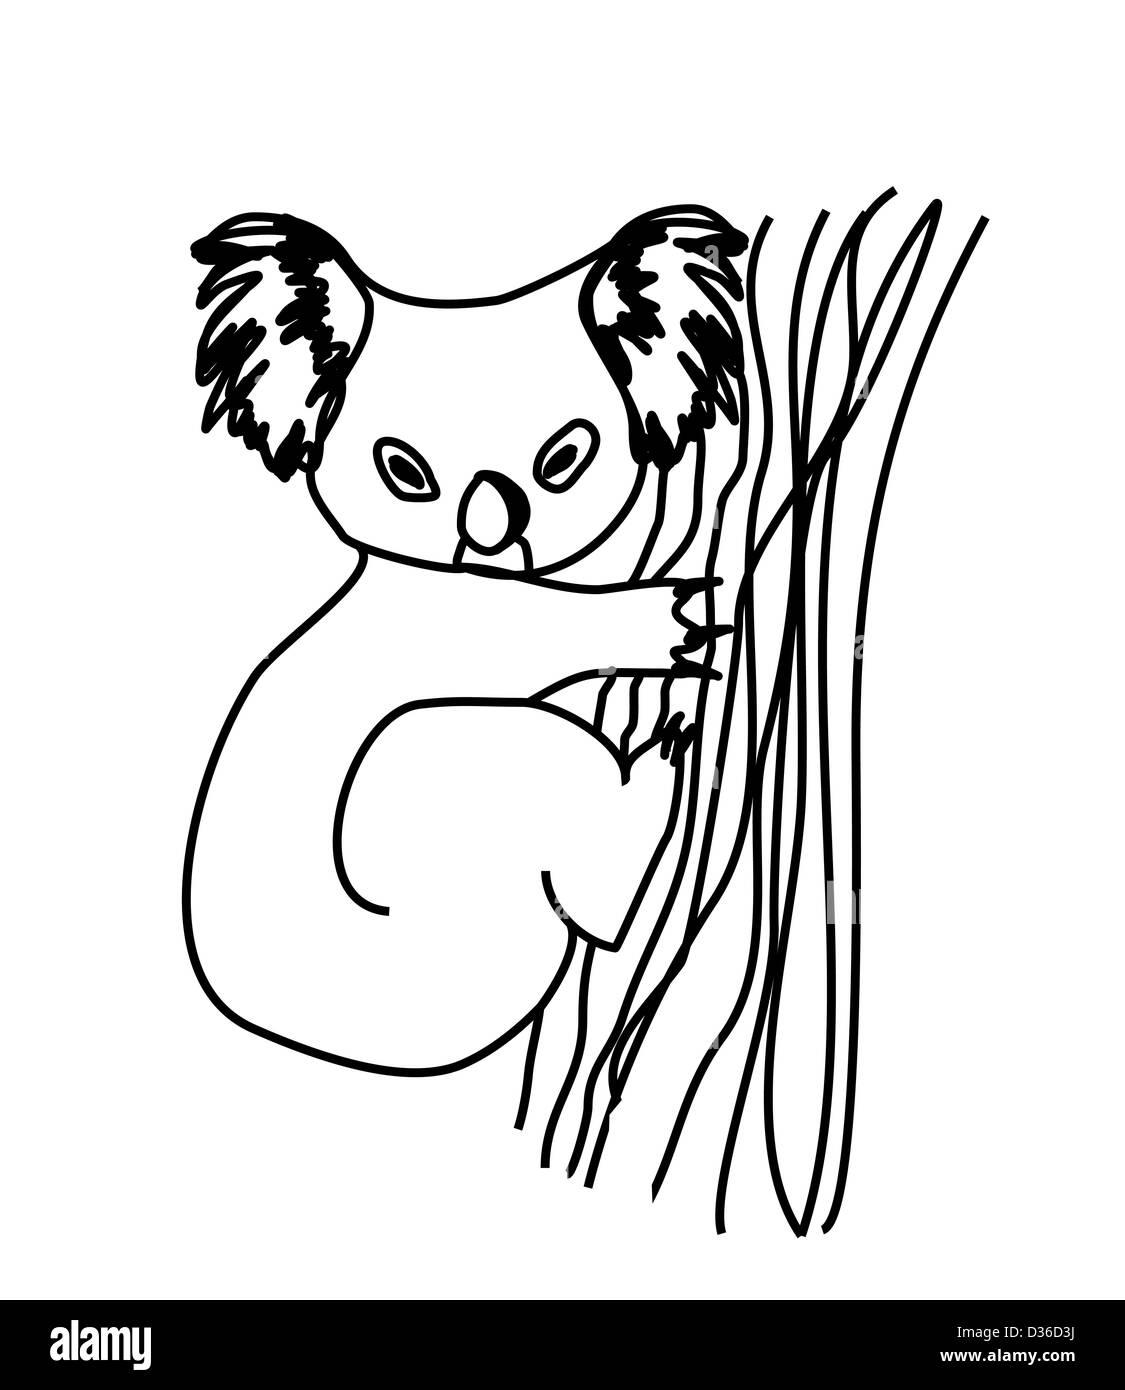 koala cartoon drawing. - Stock Image